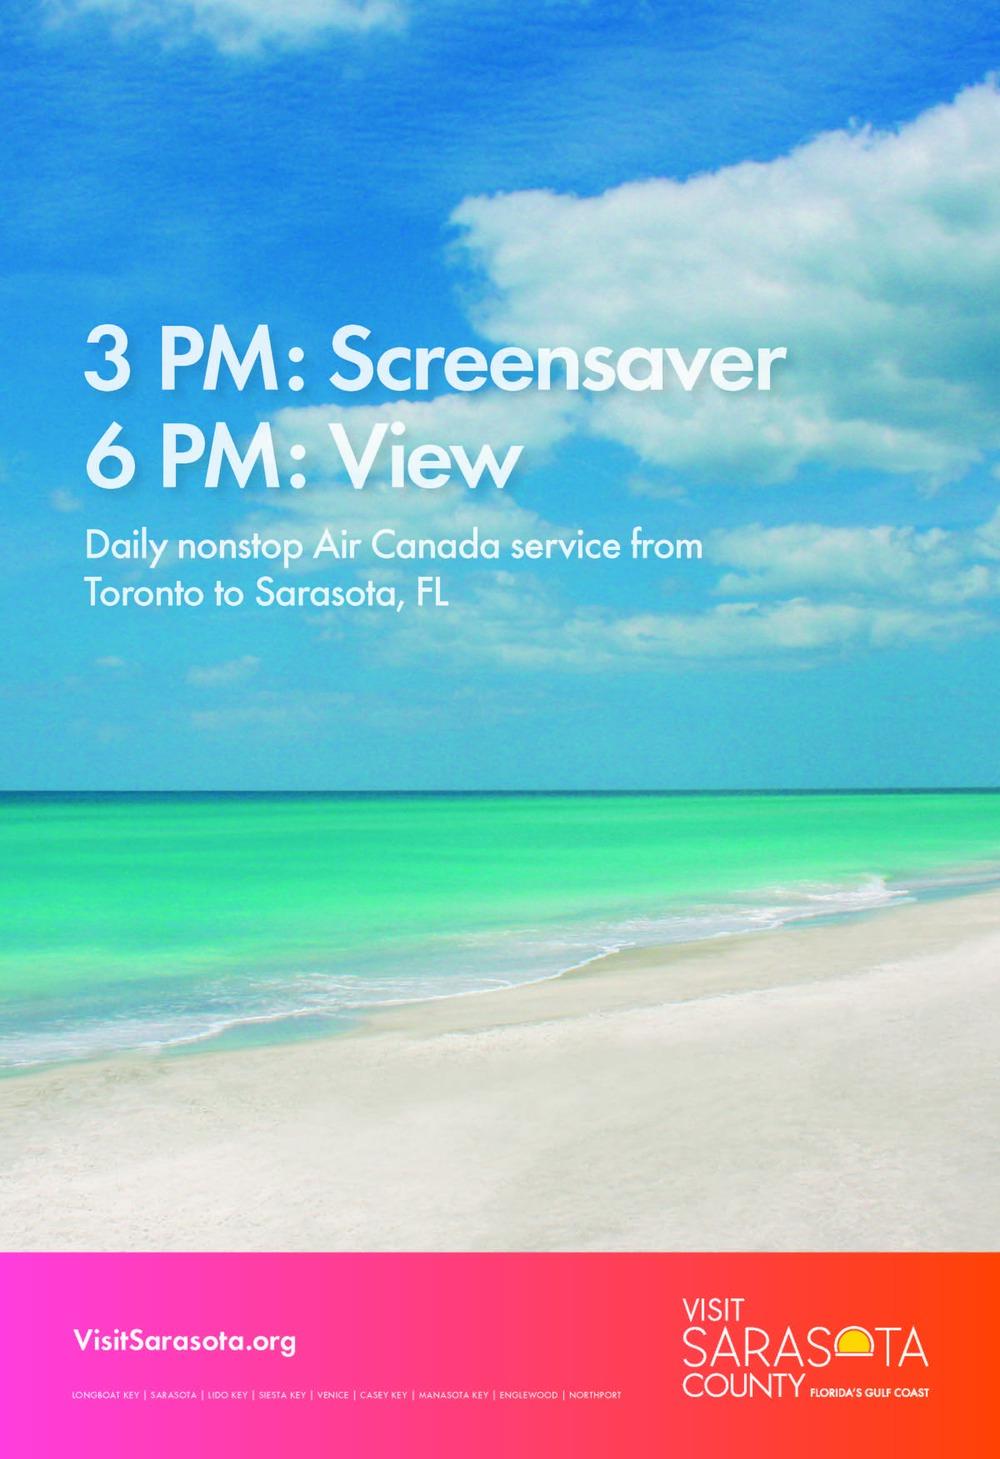 Visit Sarasota County Toronto Airport Diorama